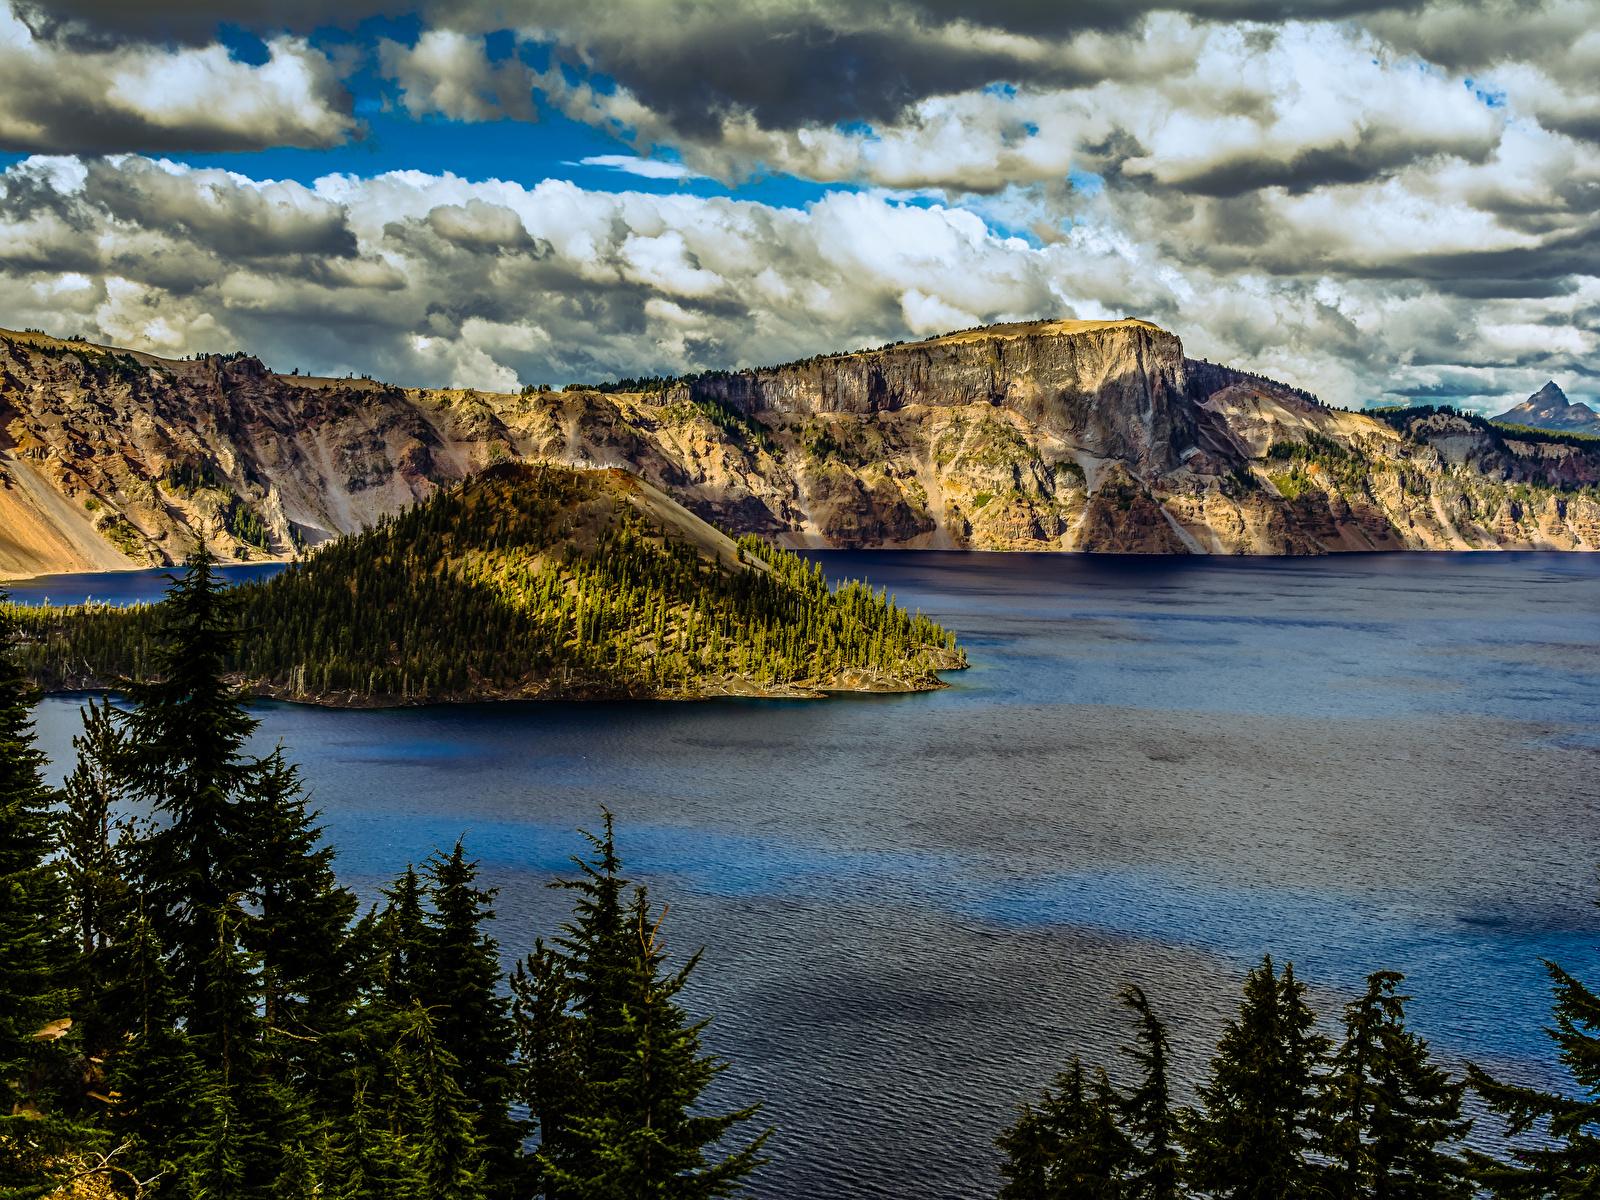 Картинки штаты Crater Lake National Park Oregon Ель Горы Природа парк Озеро 1600x1200 США америка ели гора Парки